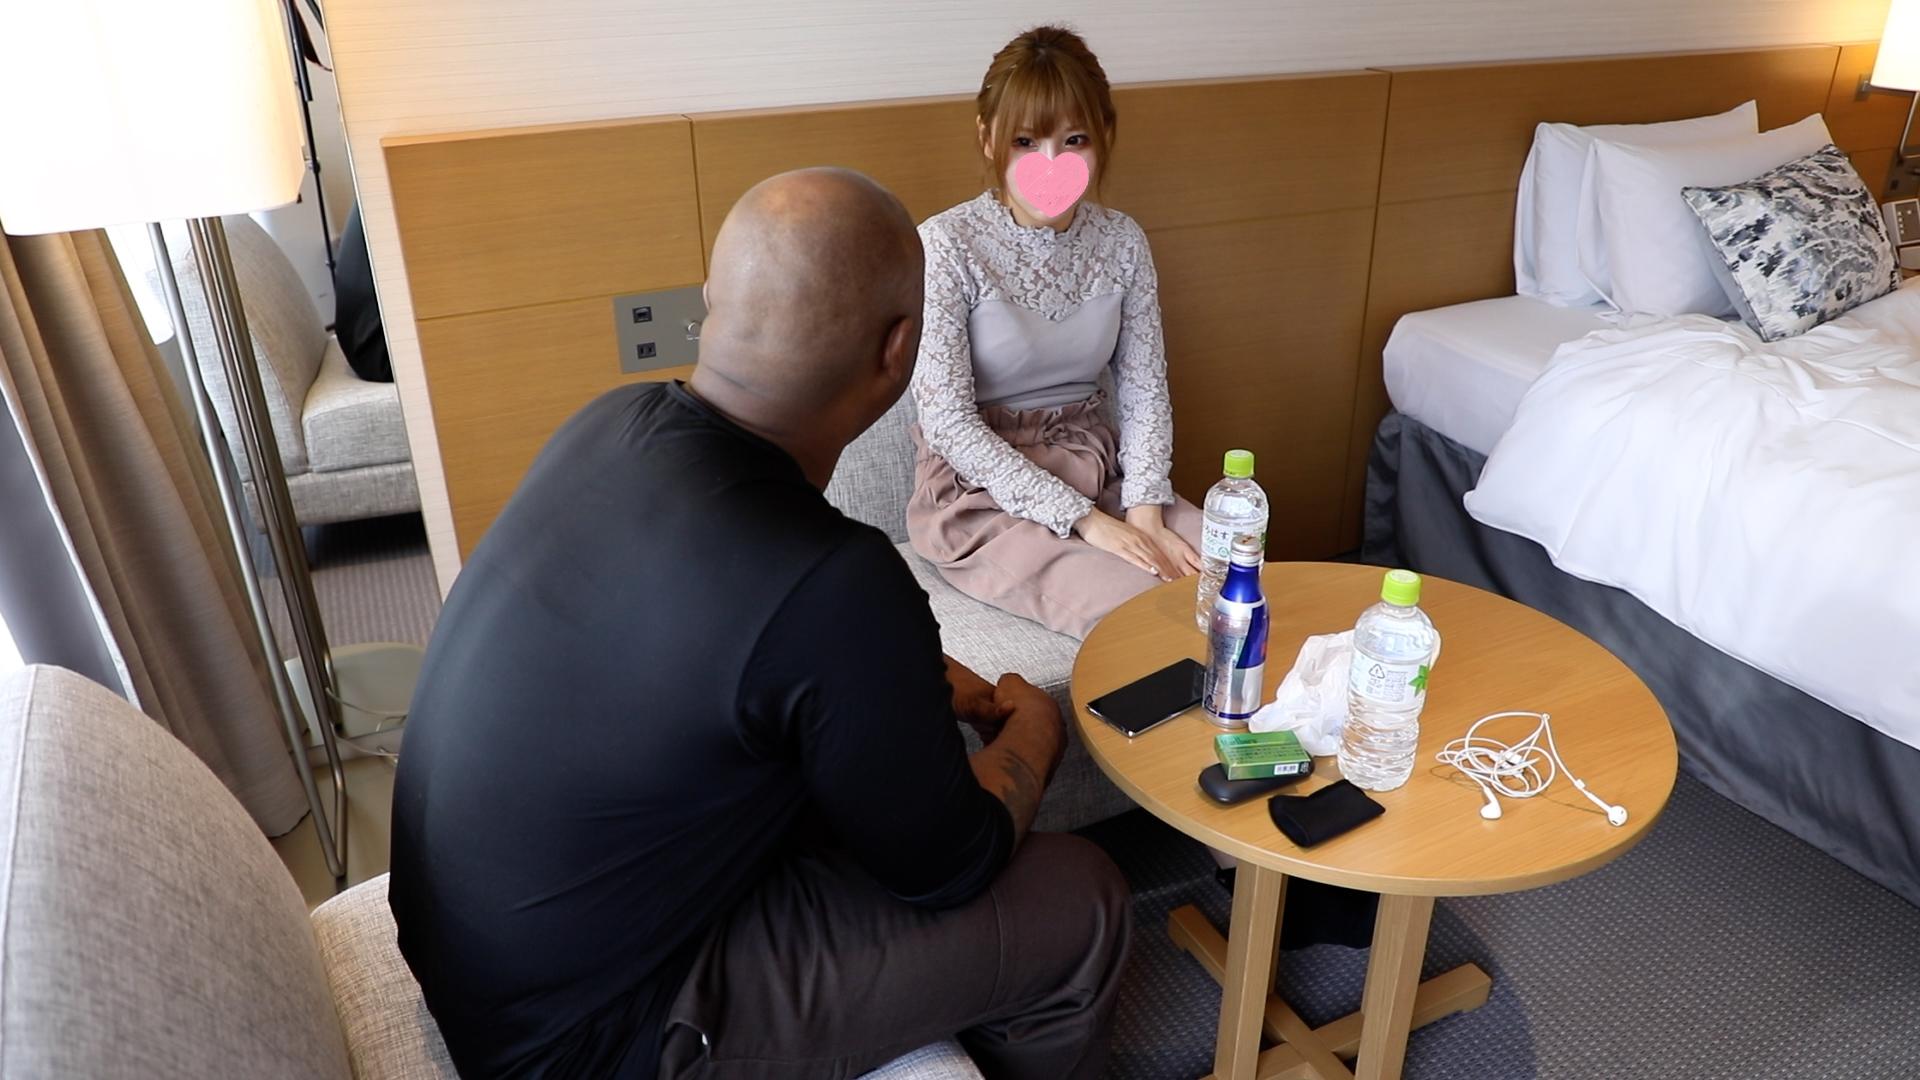 FC2 PPV 1348011 【個人撮影】千葉県K市の某ガールズバー店No. 1娘に黒人ソルジャーのマジキチデカチンをぶち込みそのまま中出ししてやりました。